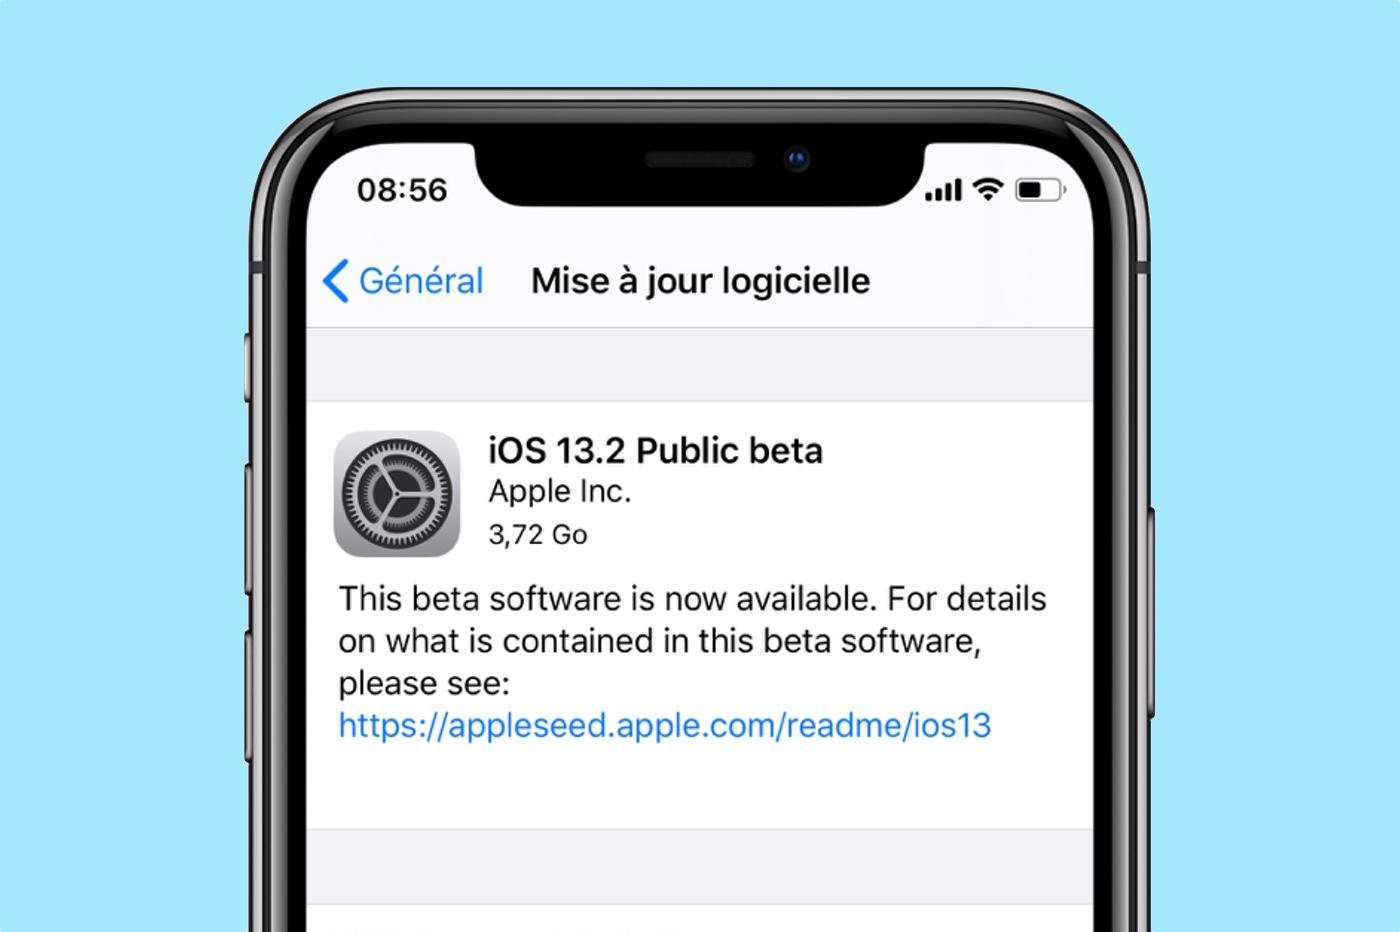 iOS 13.2 beta publique